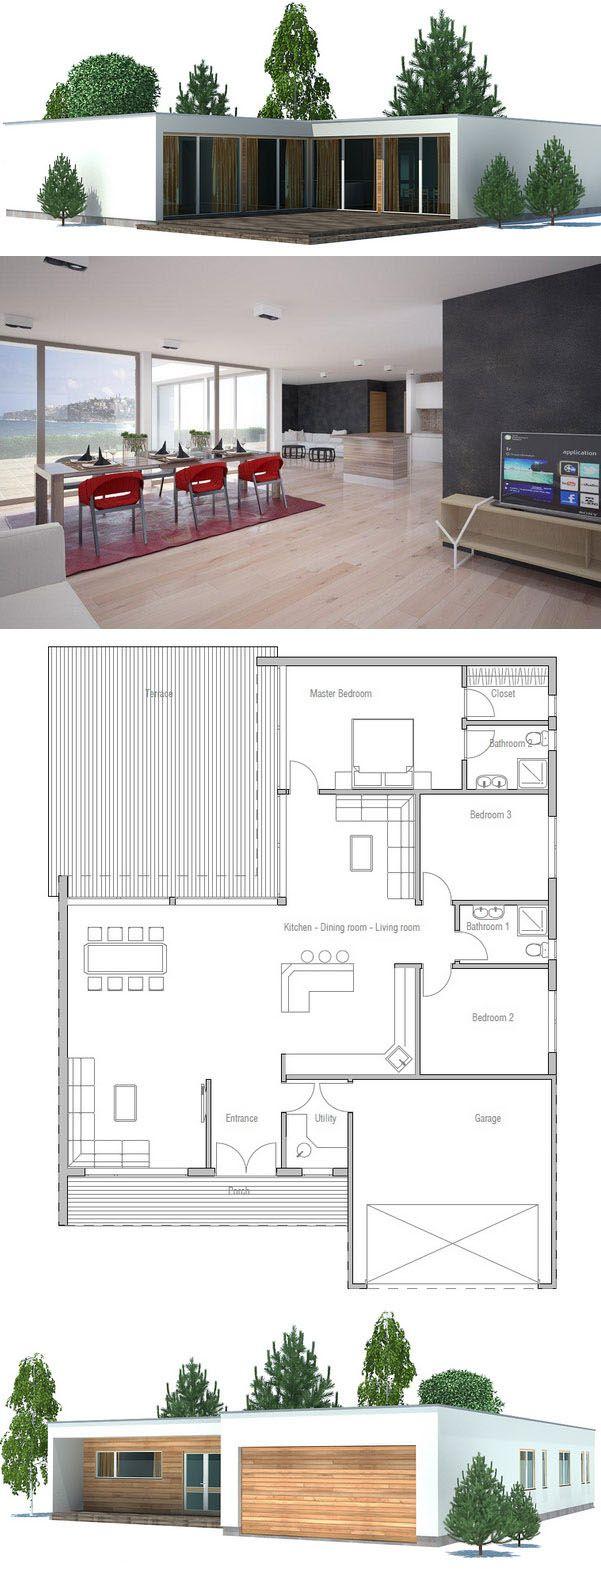 House plans   ConceptHousePlans